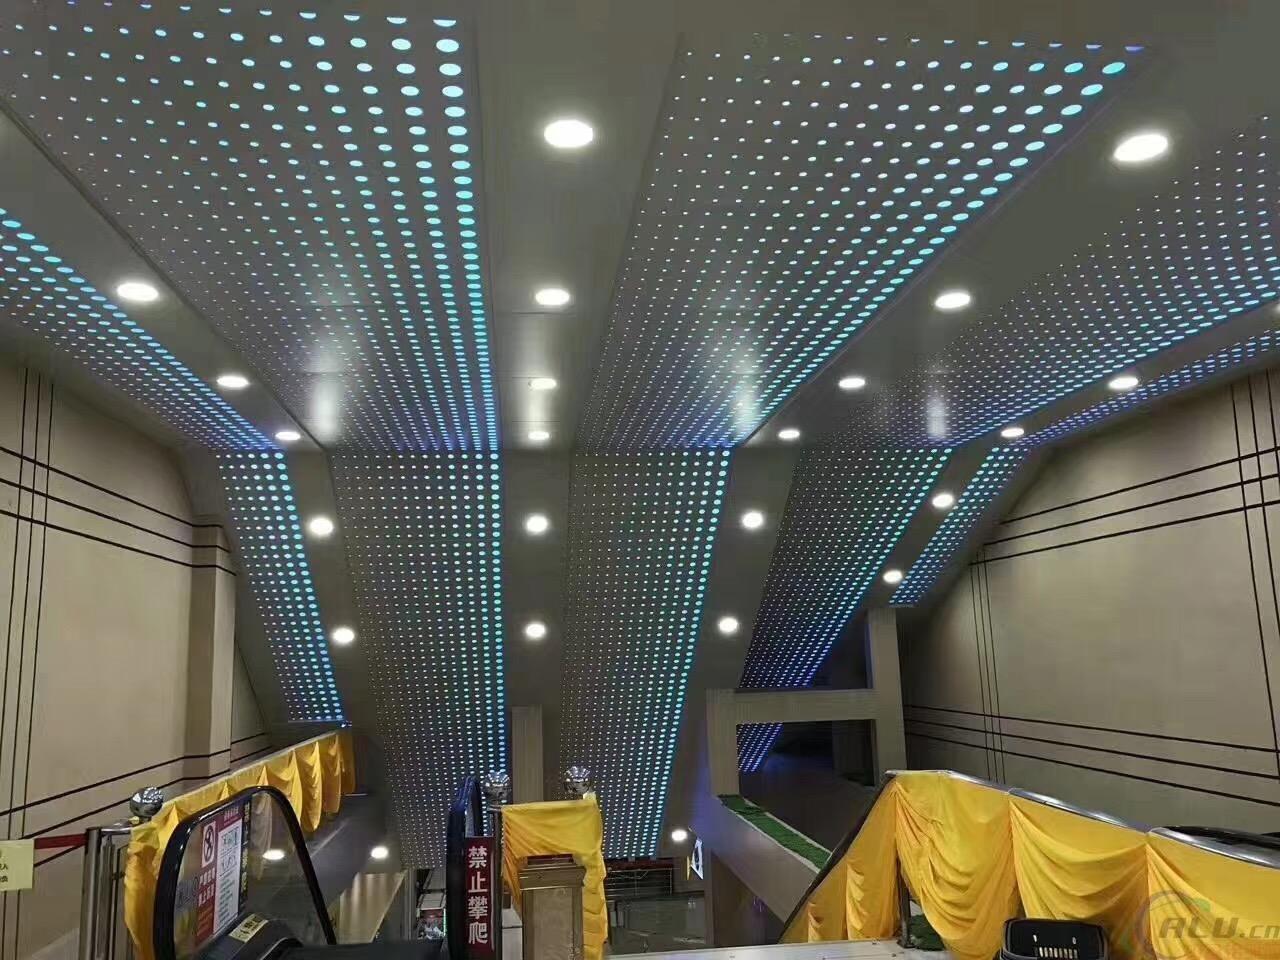 铝单板 广东镂空铝单板供应商 广东镂空铝单板批发 镂空铝单板报价 铝单板价格 镂空铝单板 佛山铝单板批发